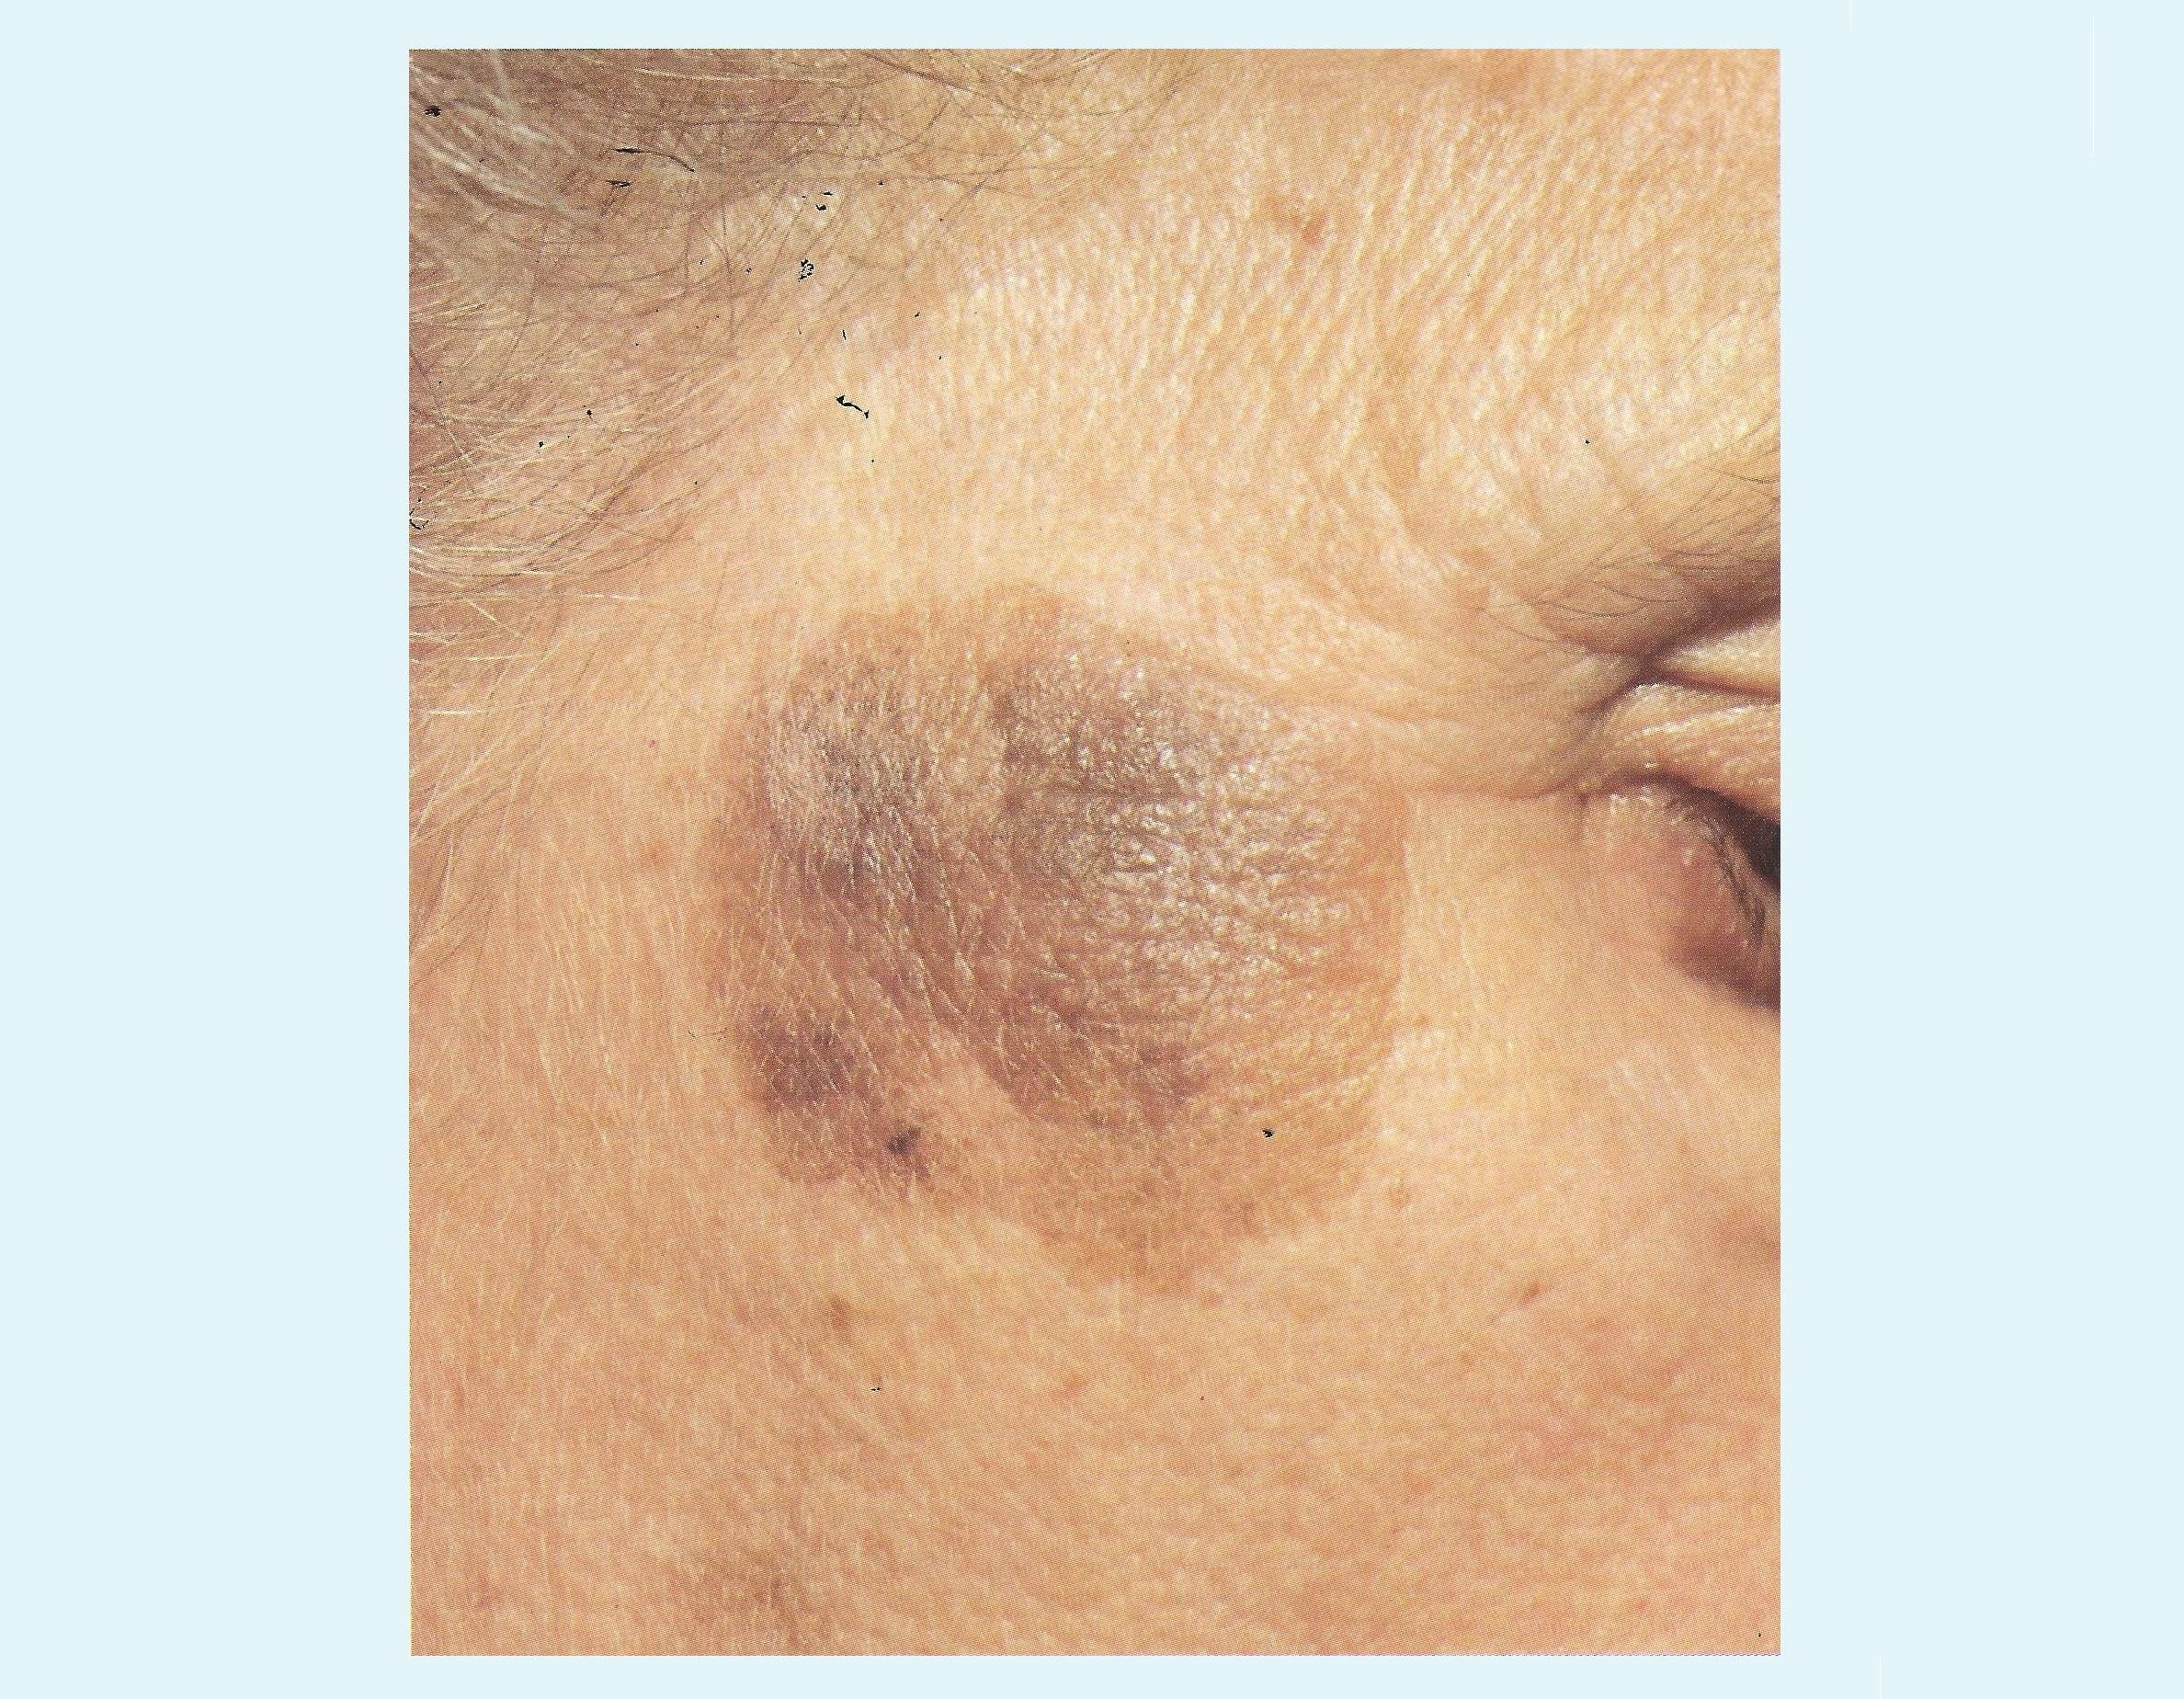 Aktinische Und Seborrhoische Keratose Hautkrebs Bilder Haut Salbe